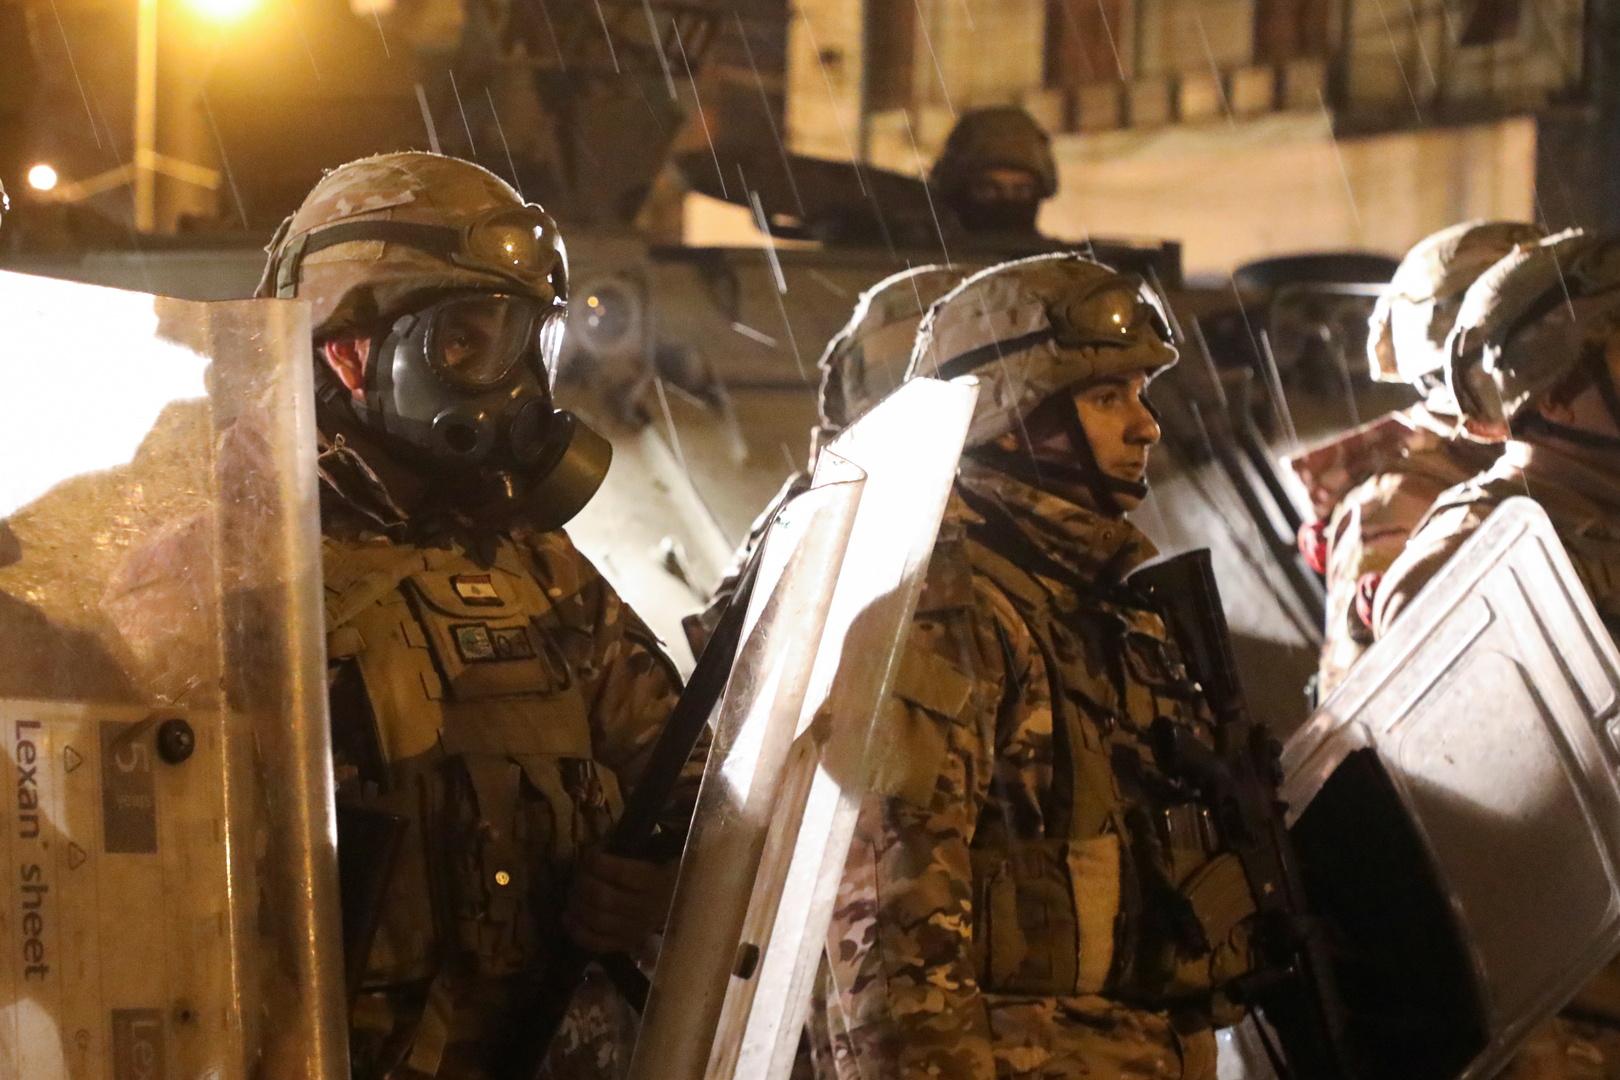 قائد الجيش اللبناني: من غير المسموح لأي كان المس بأمن طرابلس